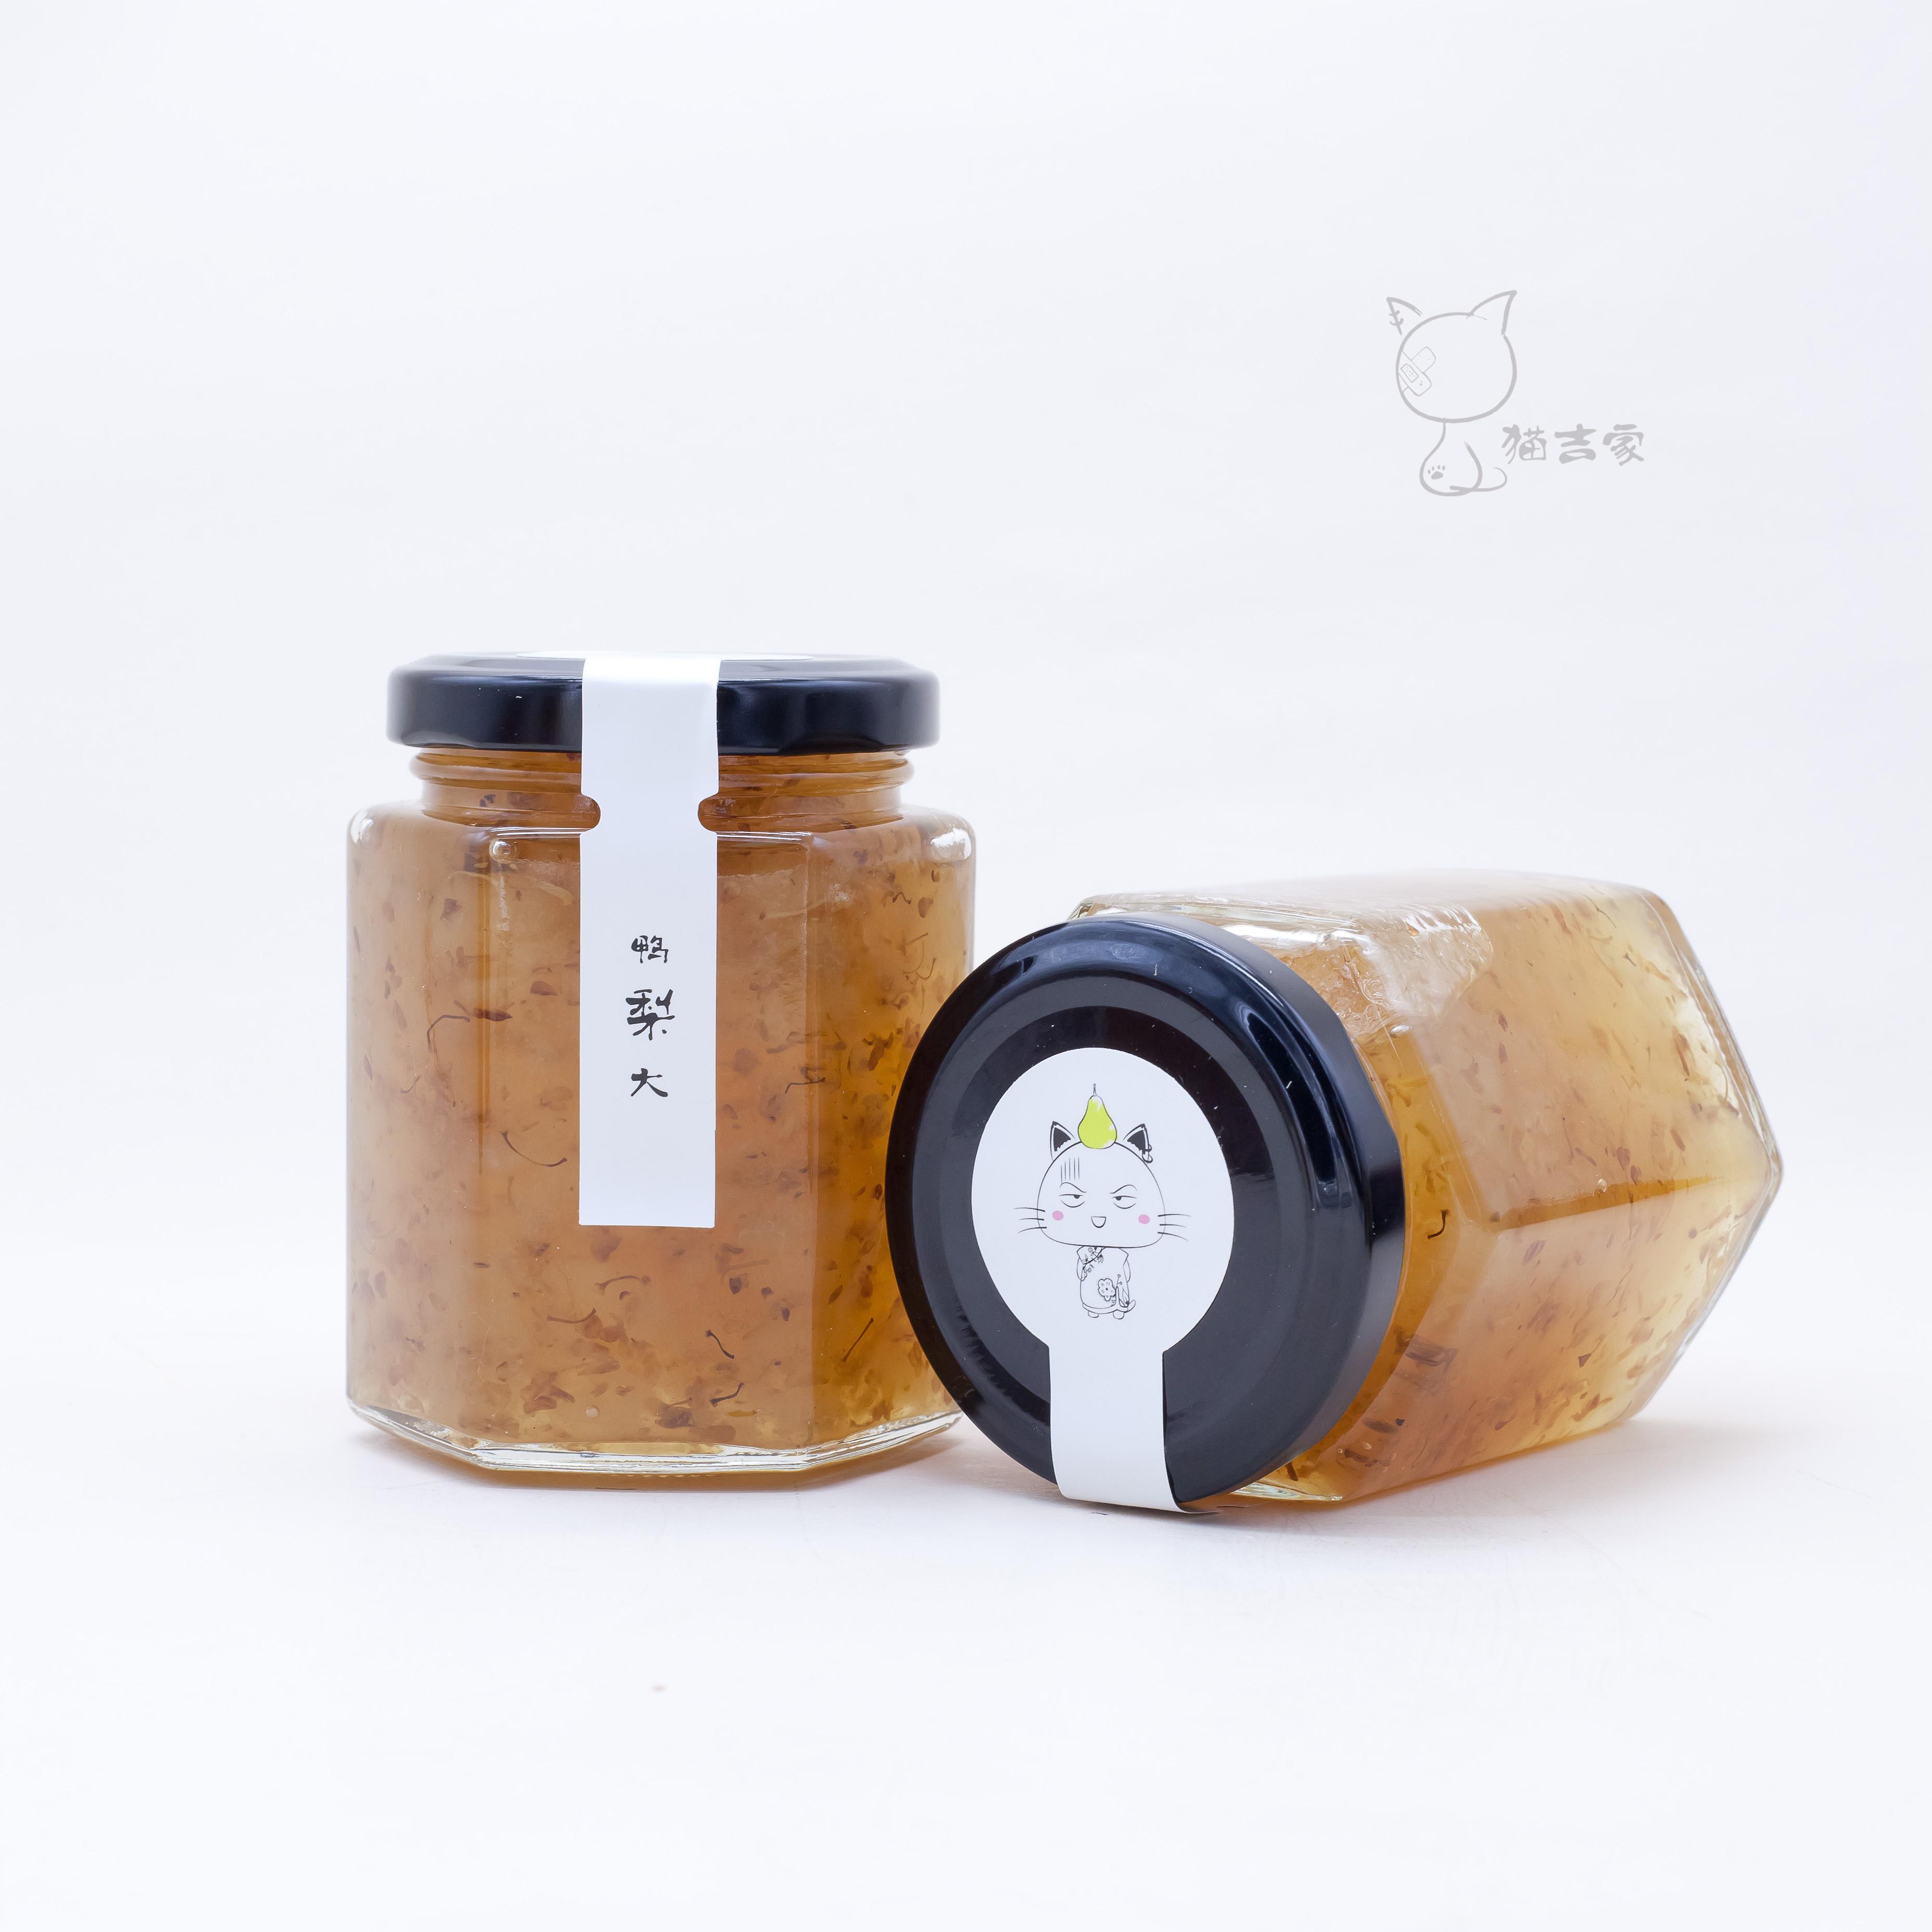 包邮 土冰糖 桂花雪梨果酱果茶 220g